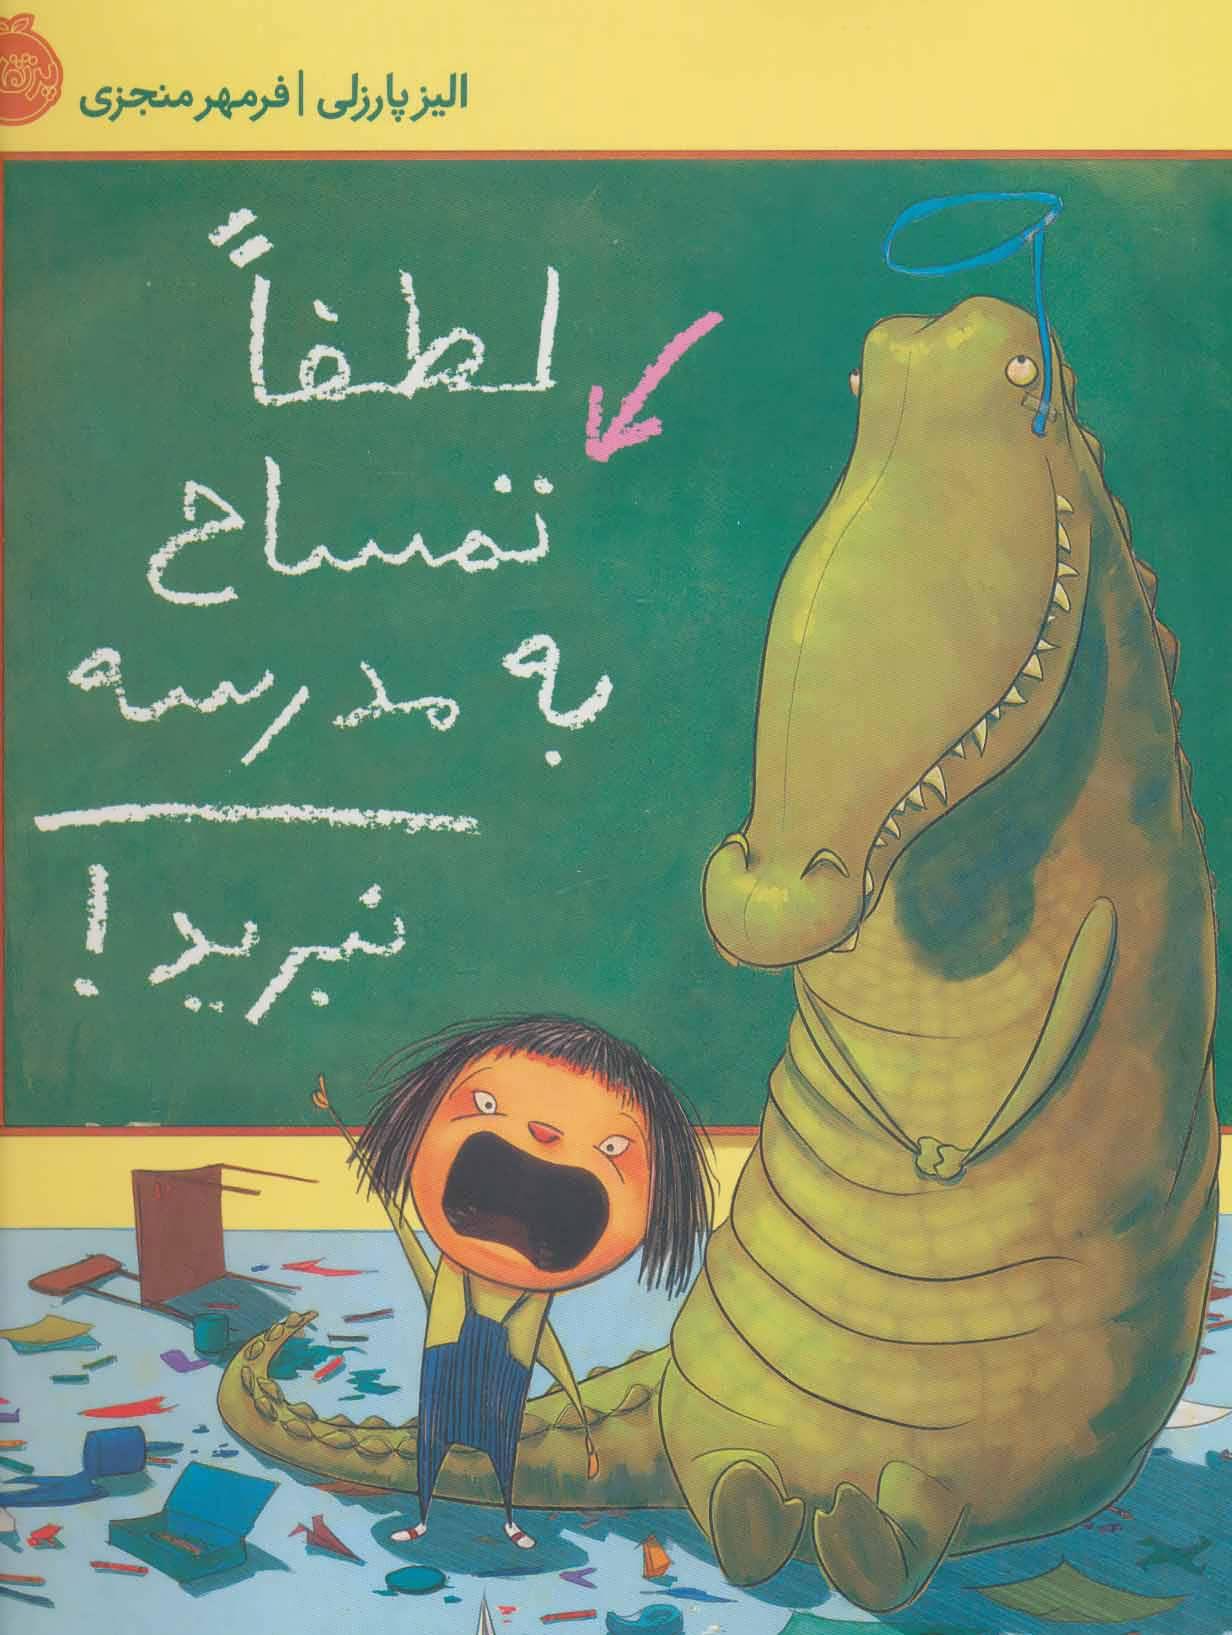 کتاب لطفا تمساح به مدرسه نبرید!